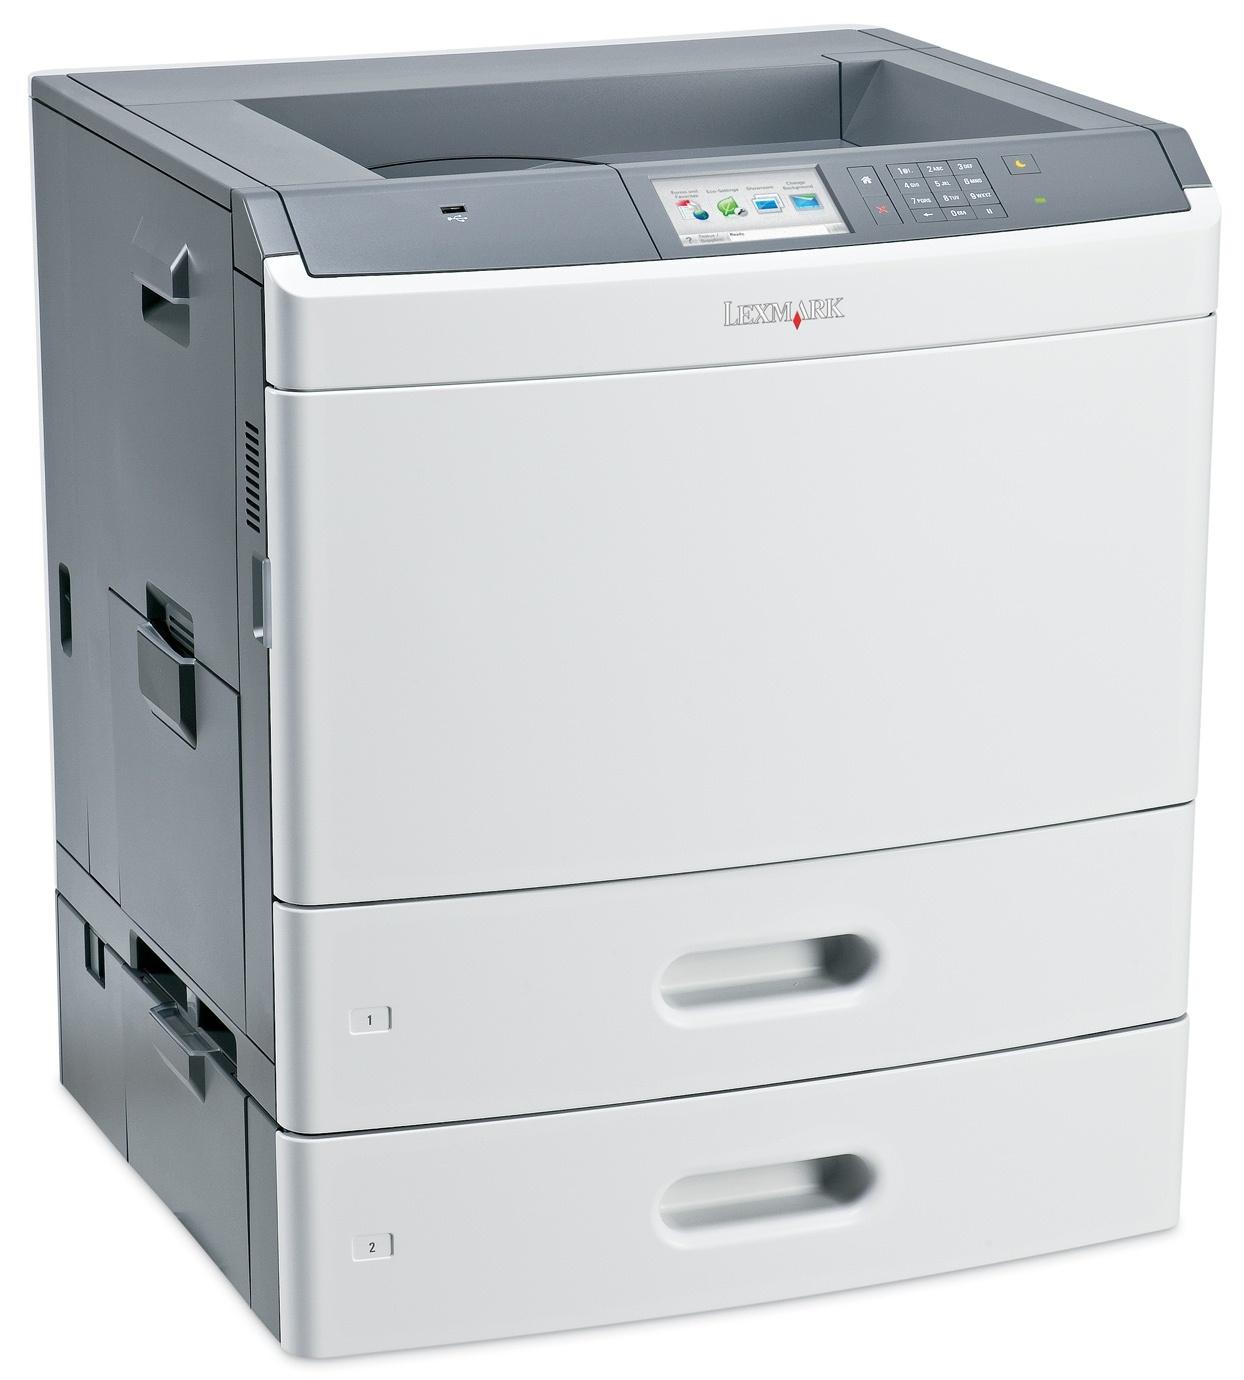 Lexmark C792dte,A4,1200x1200dpi,47ppm,duplex, LAN